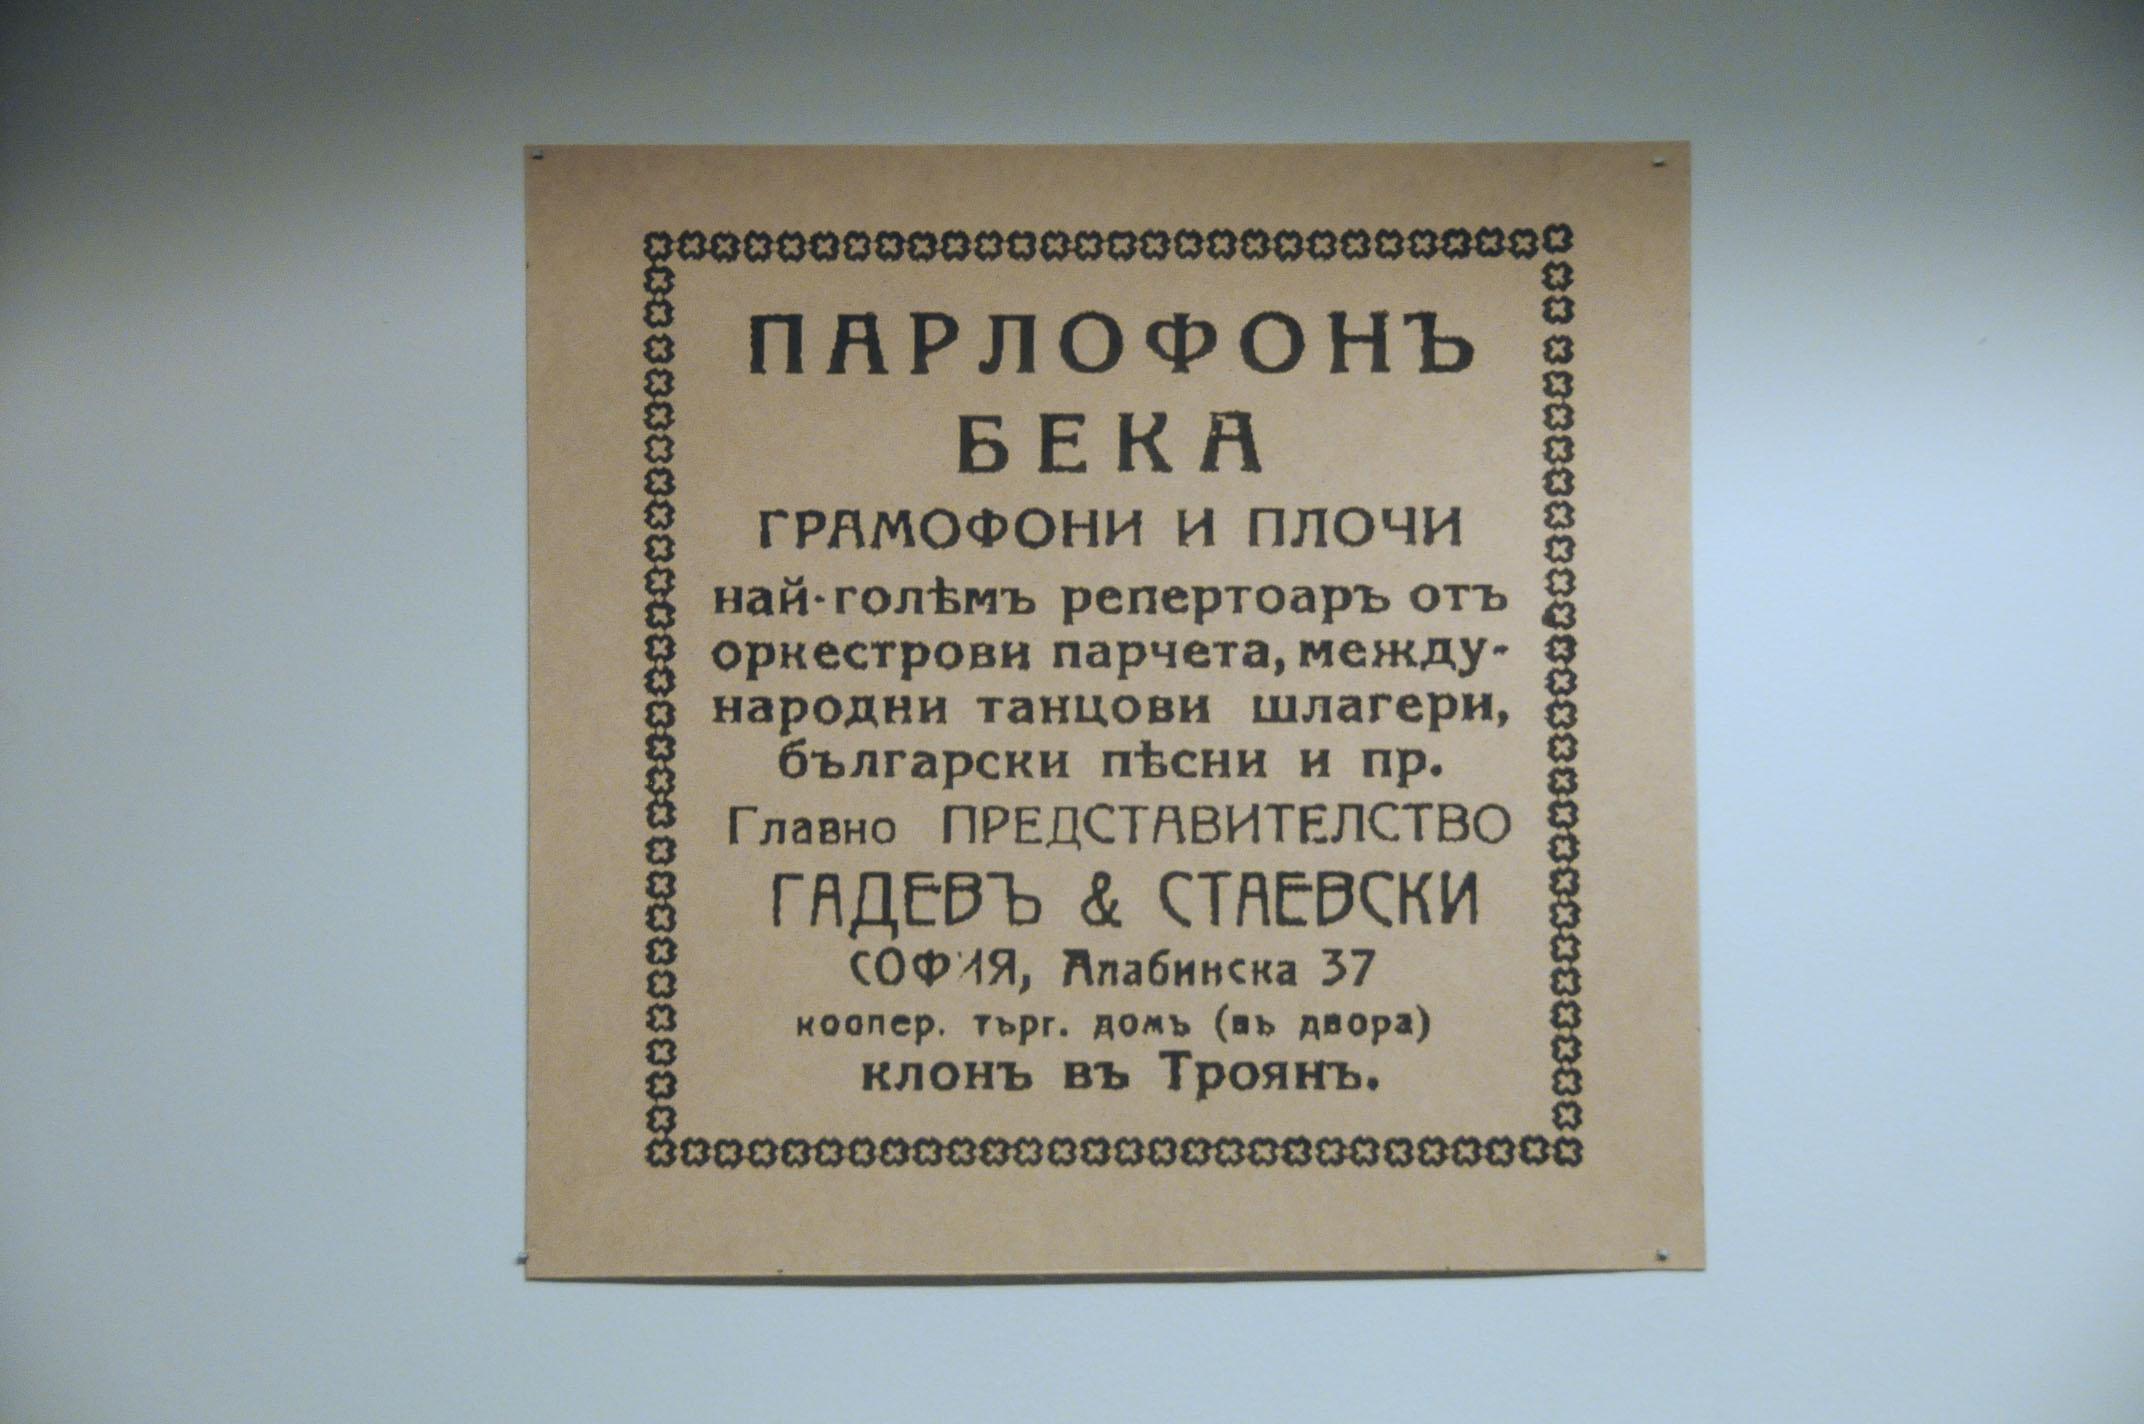 troyan-museum-elate-ni-na-gosti-23